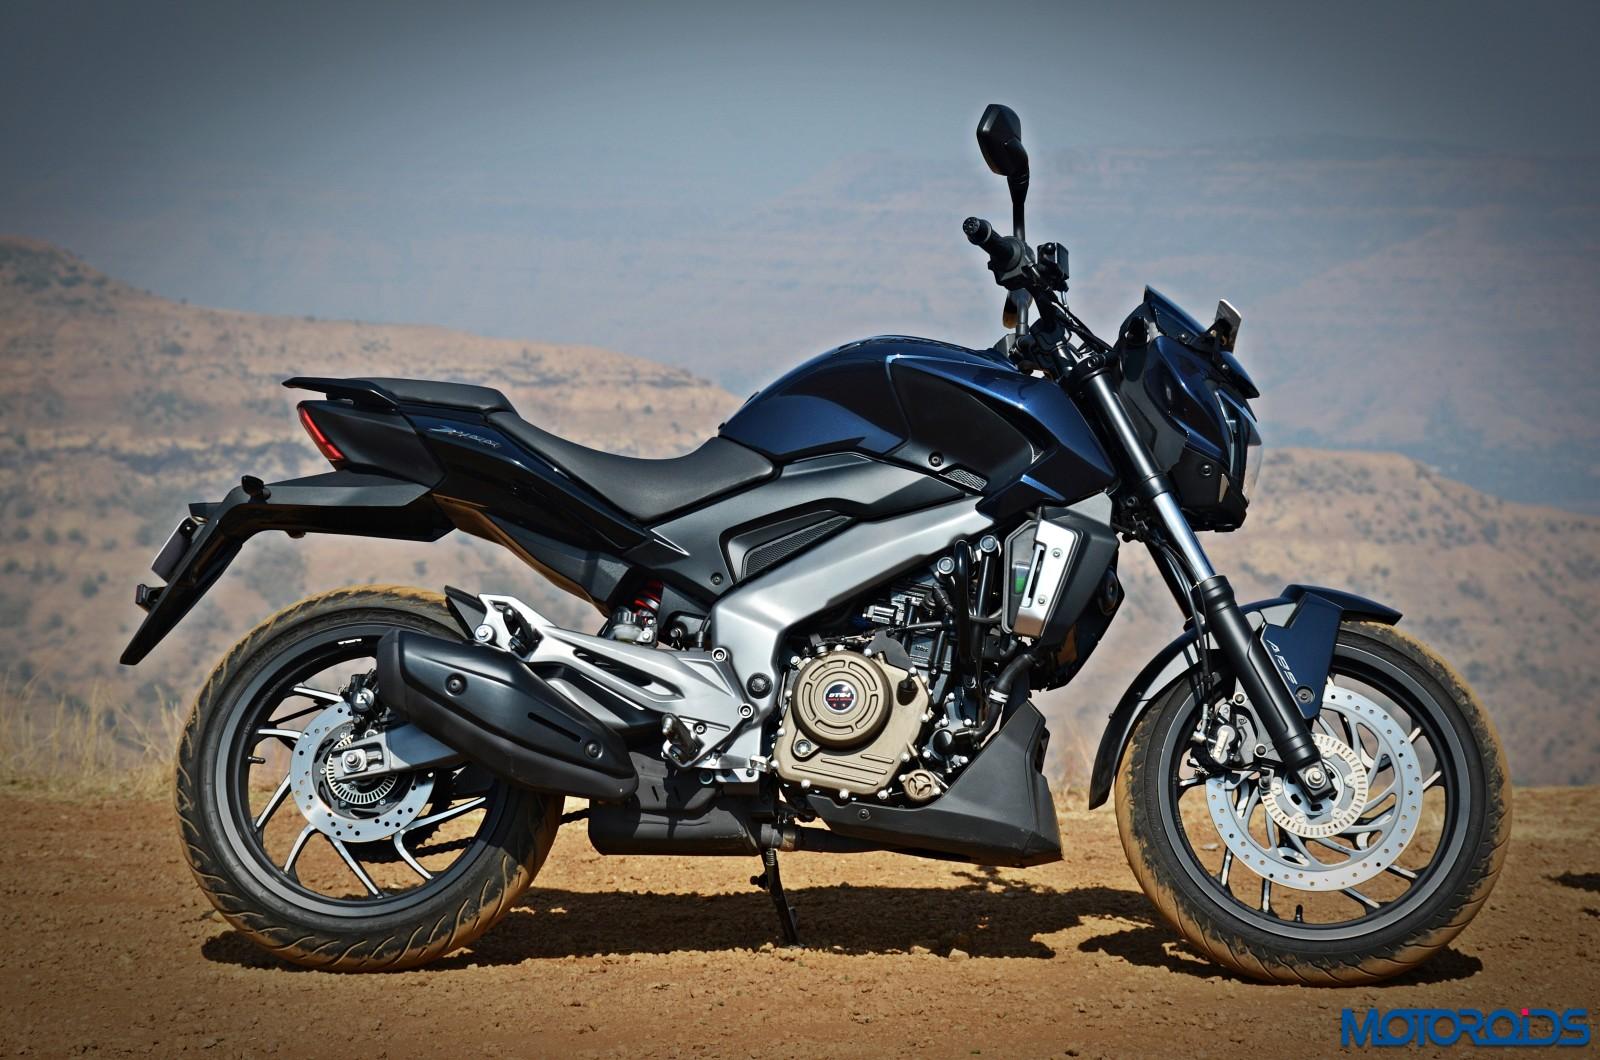 Bajaj Dominar 400 Vs Honda Cbr 250 Vs Benelli Tnt 25 Vs